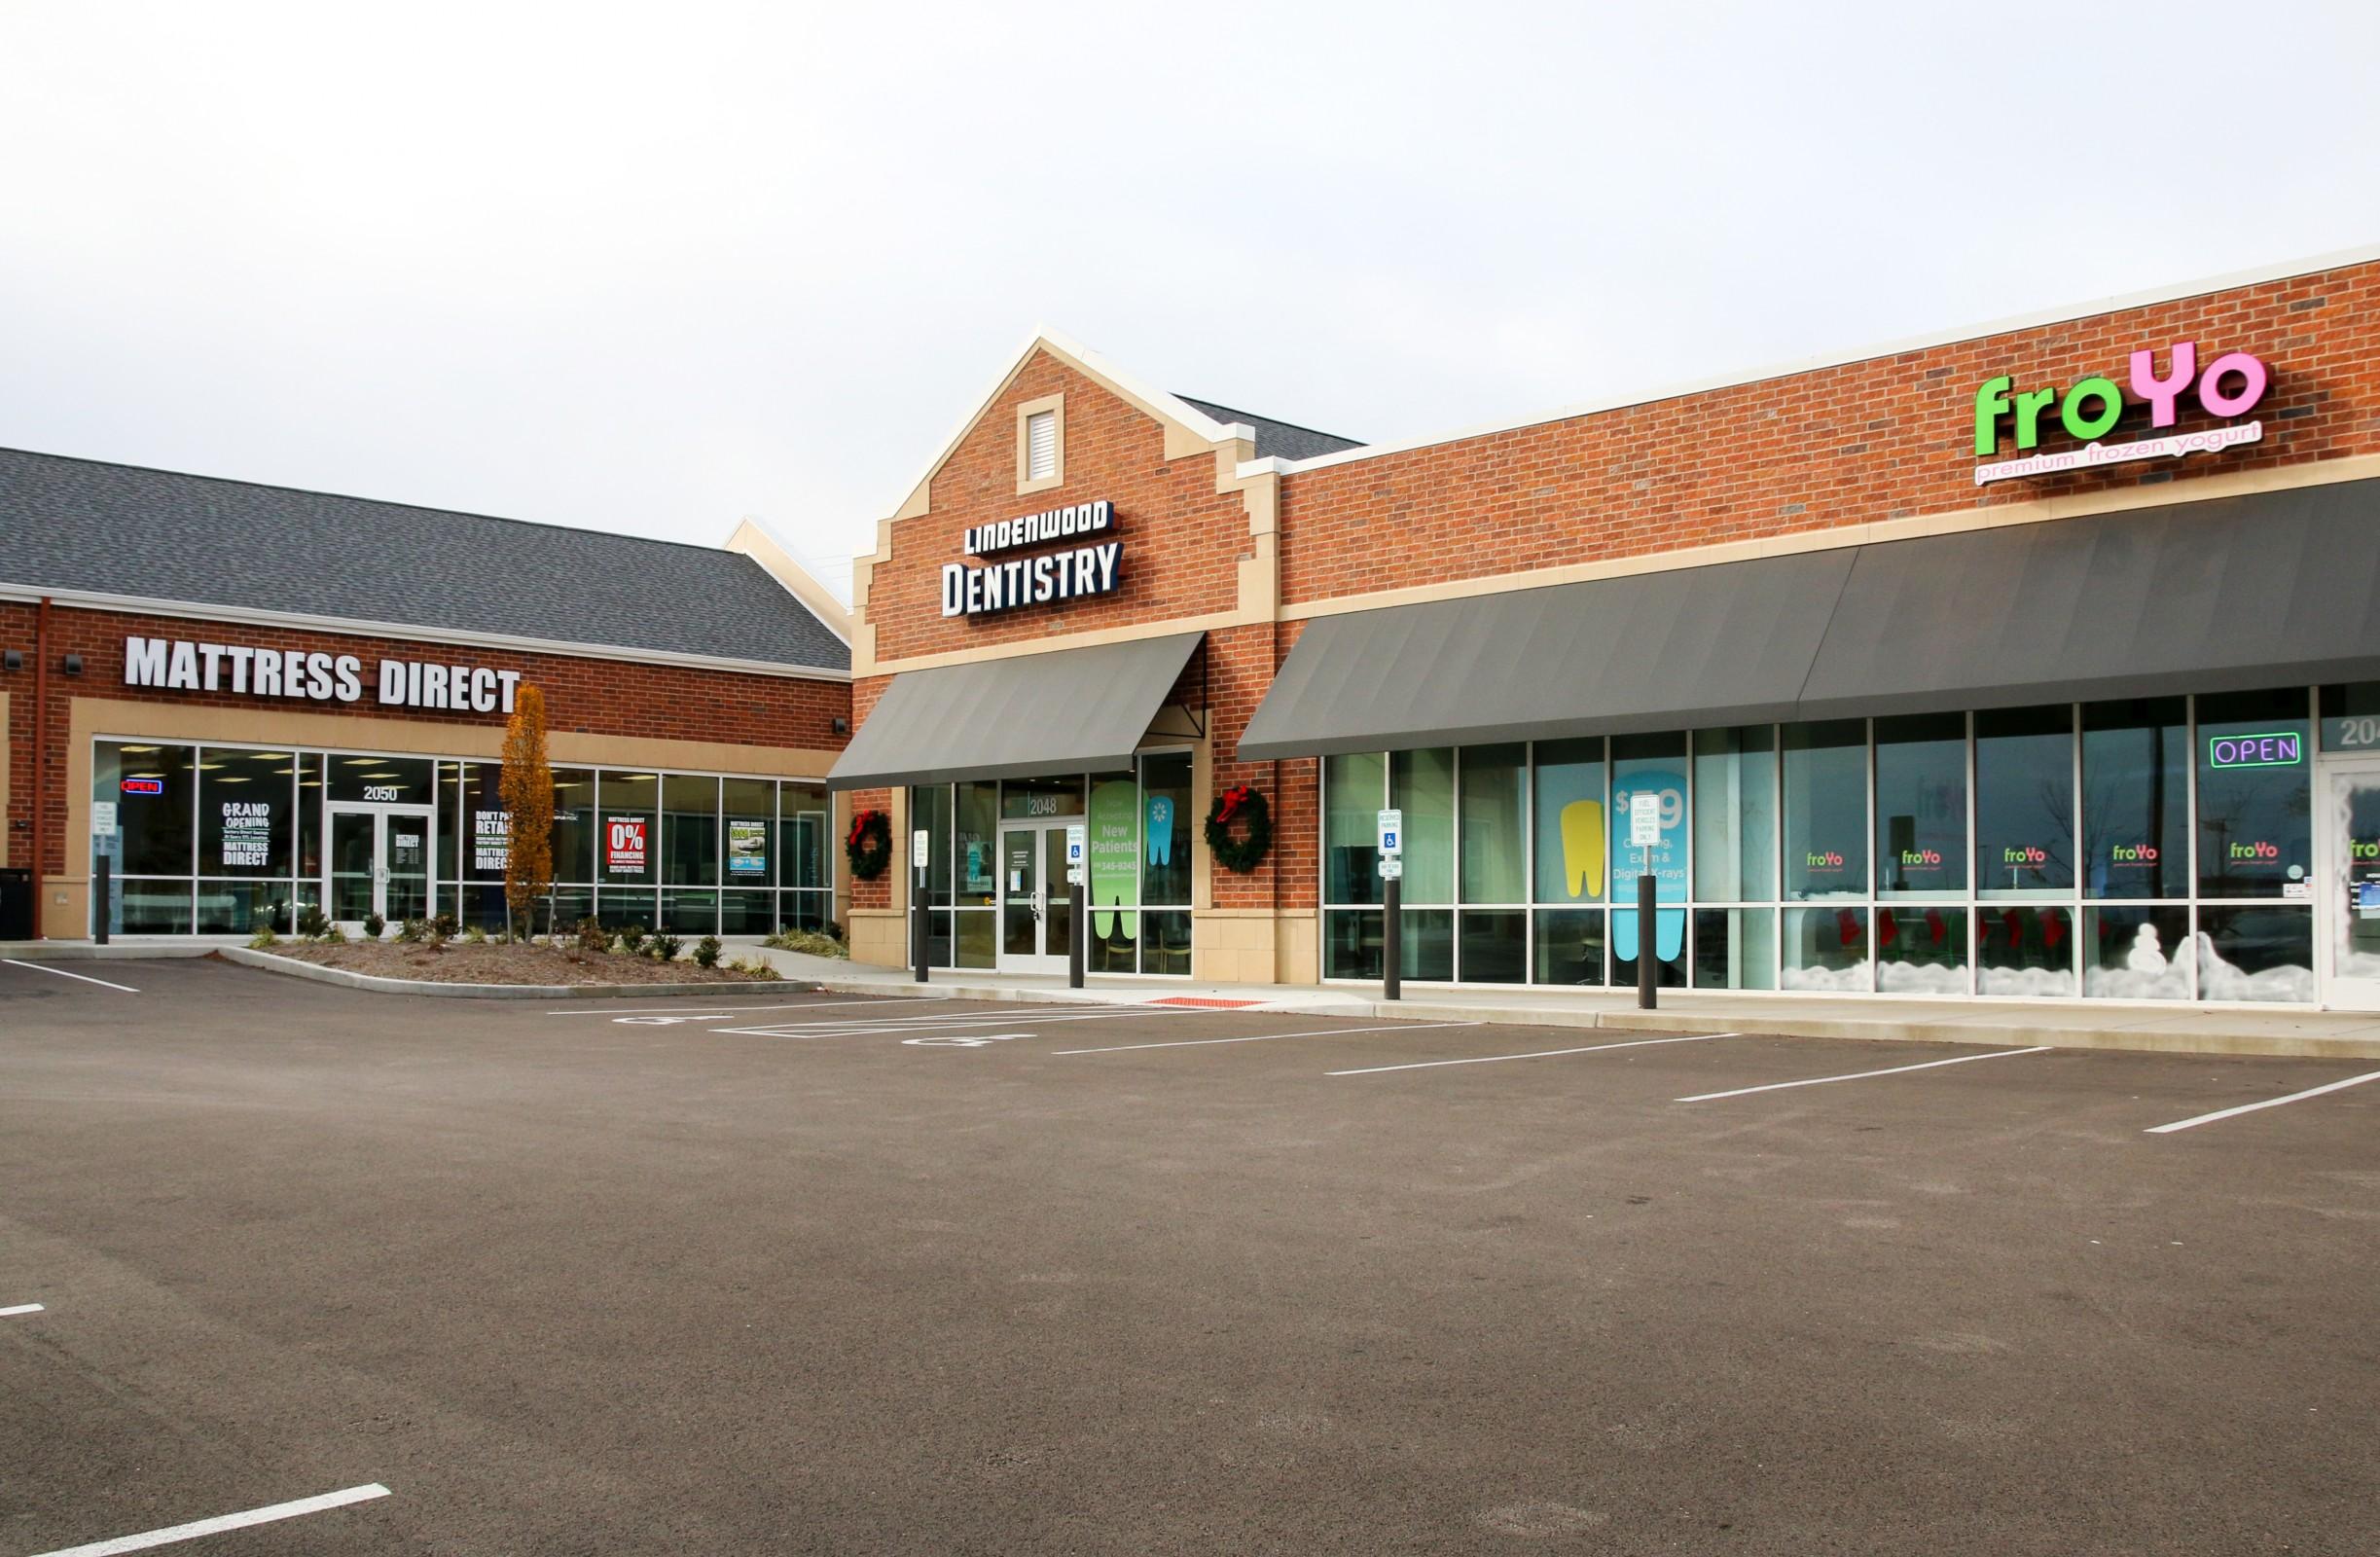 Lindenwood Dentistry image 8